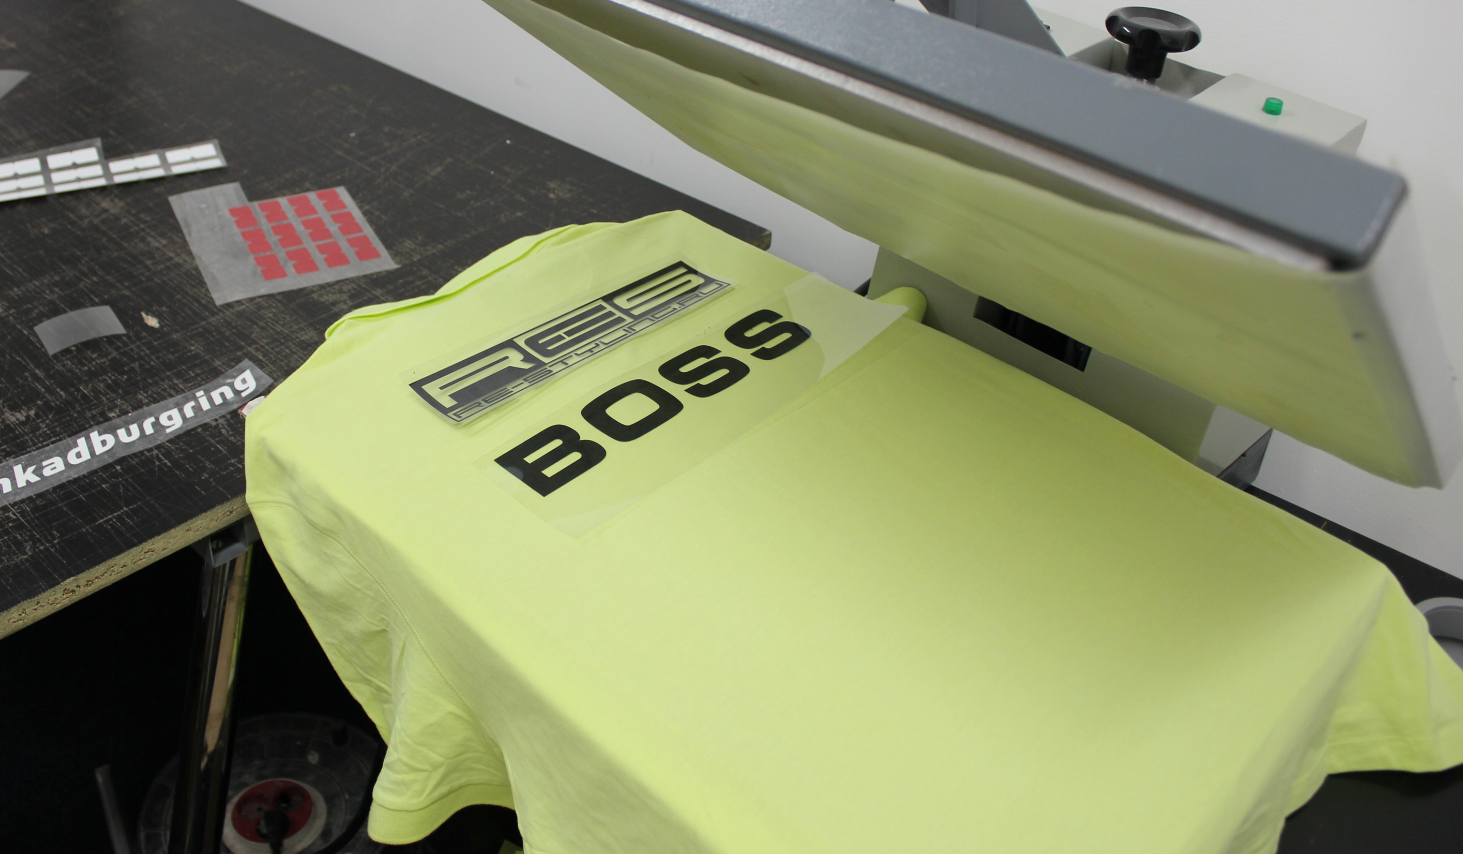 Бизнес-идея печати изображений на футболках